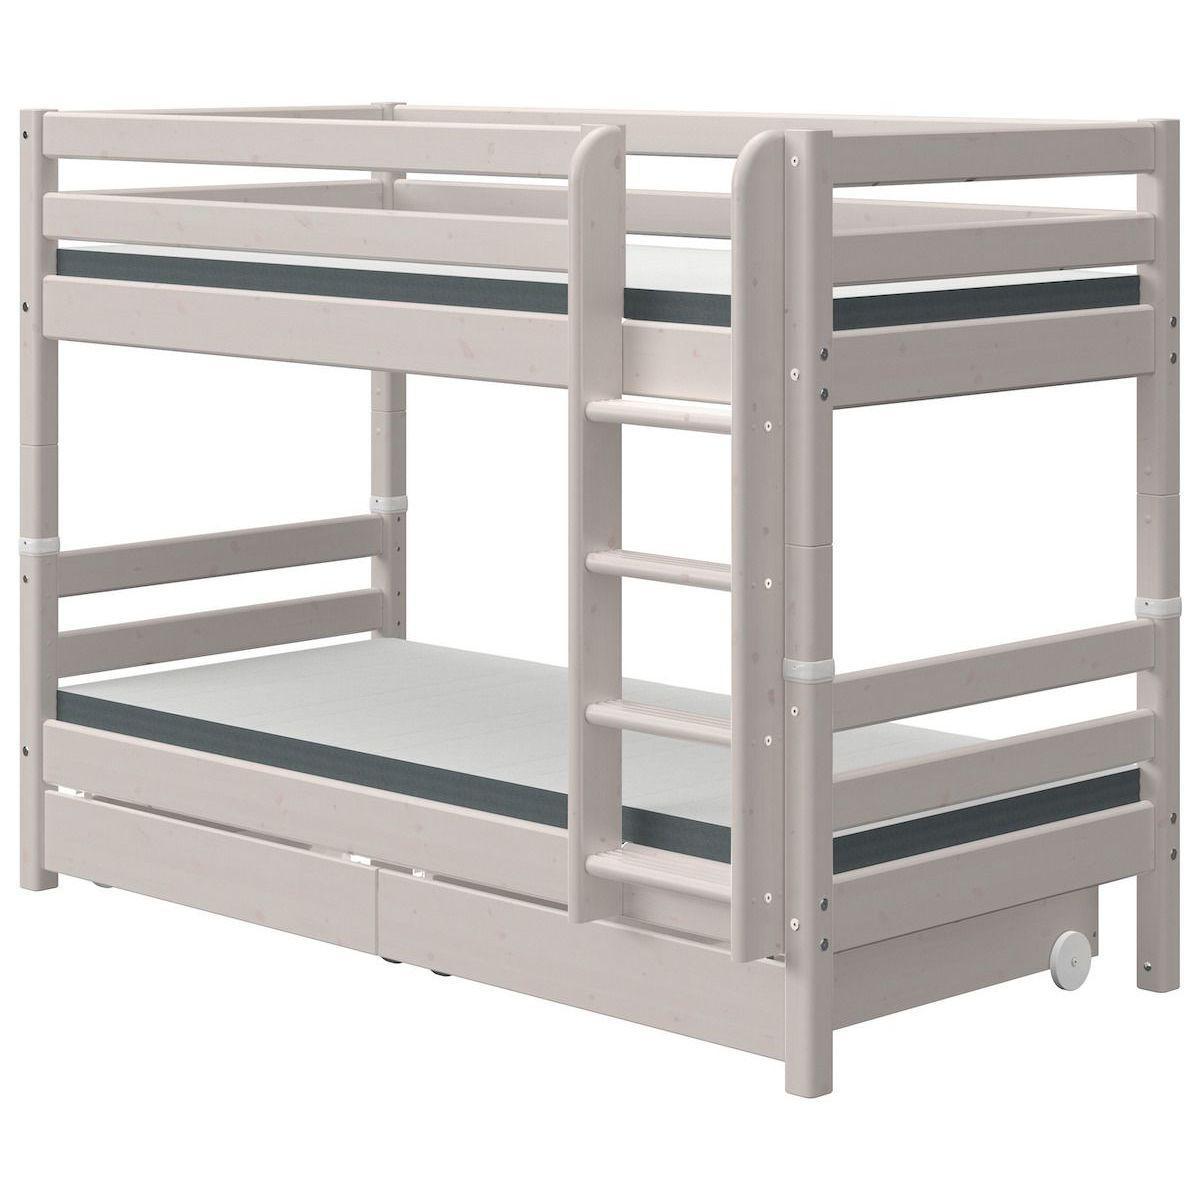 Litera 90x190cm escalera recta-2 cajones CLASSIC Flexa grey washed